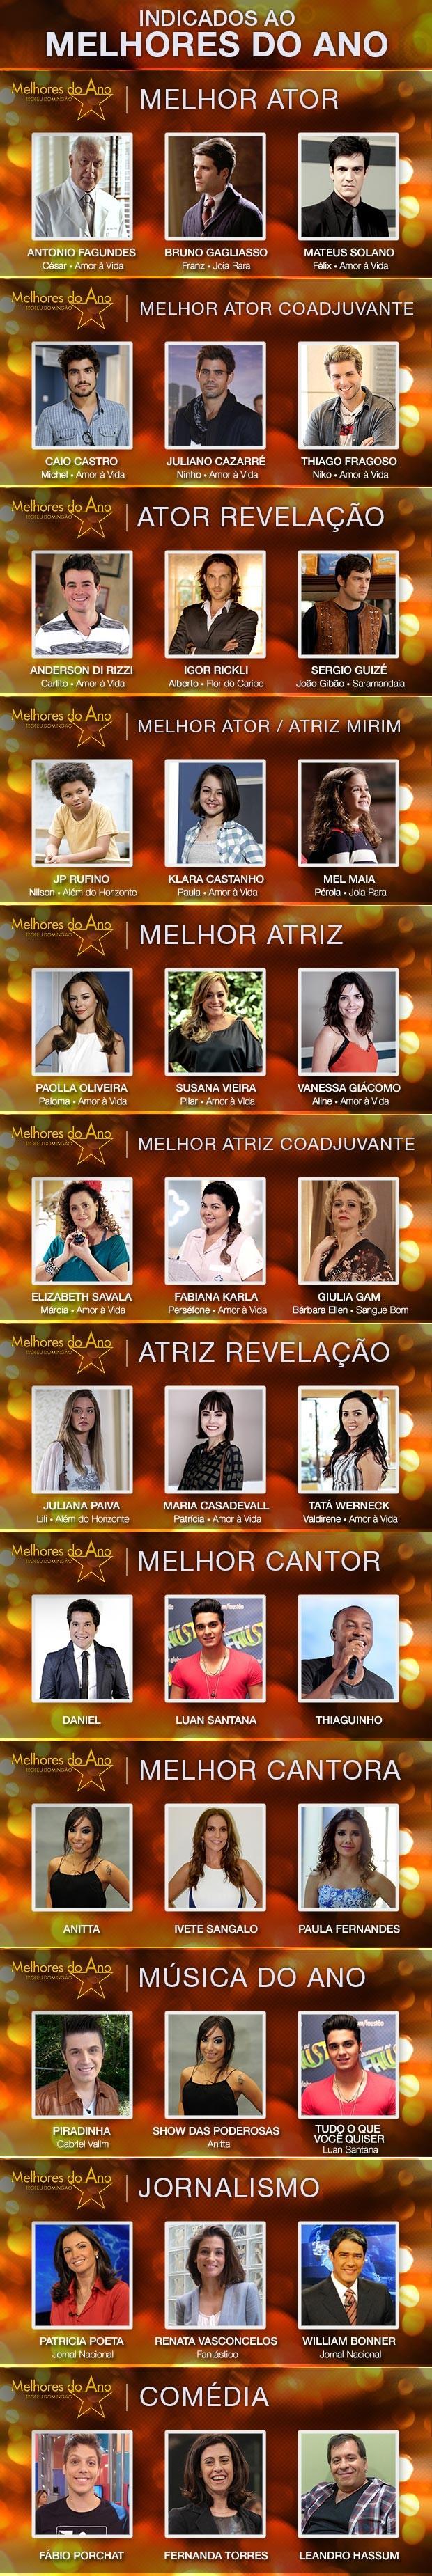 Indicados ao Melhores do Ano (Foto: Domingão do Faustão / TV Globo)